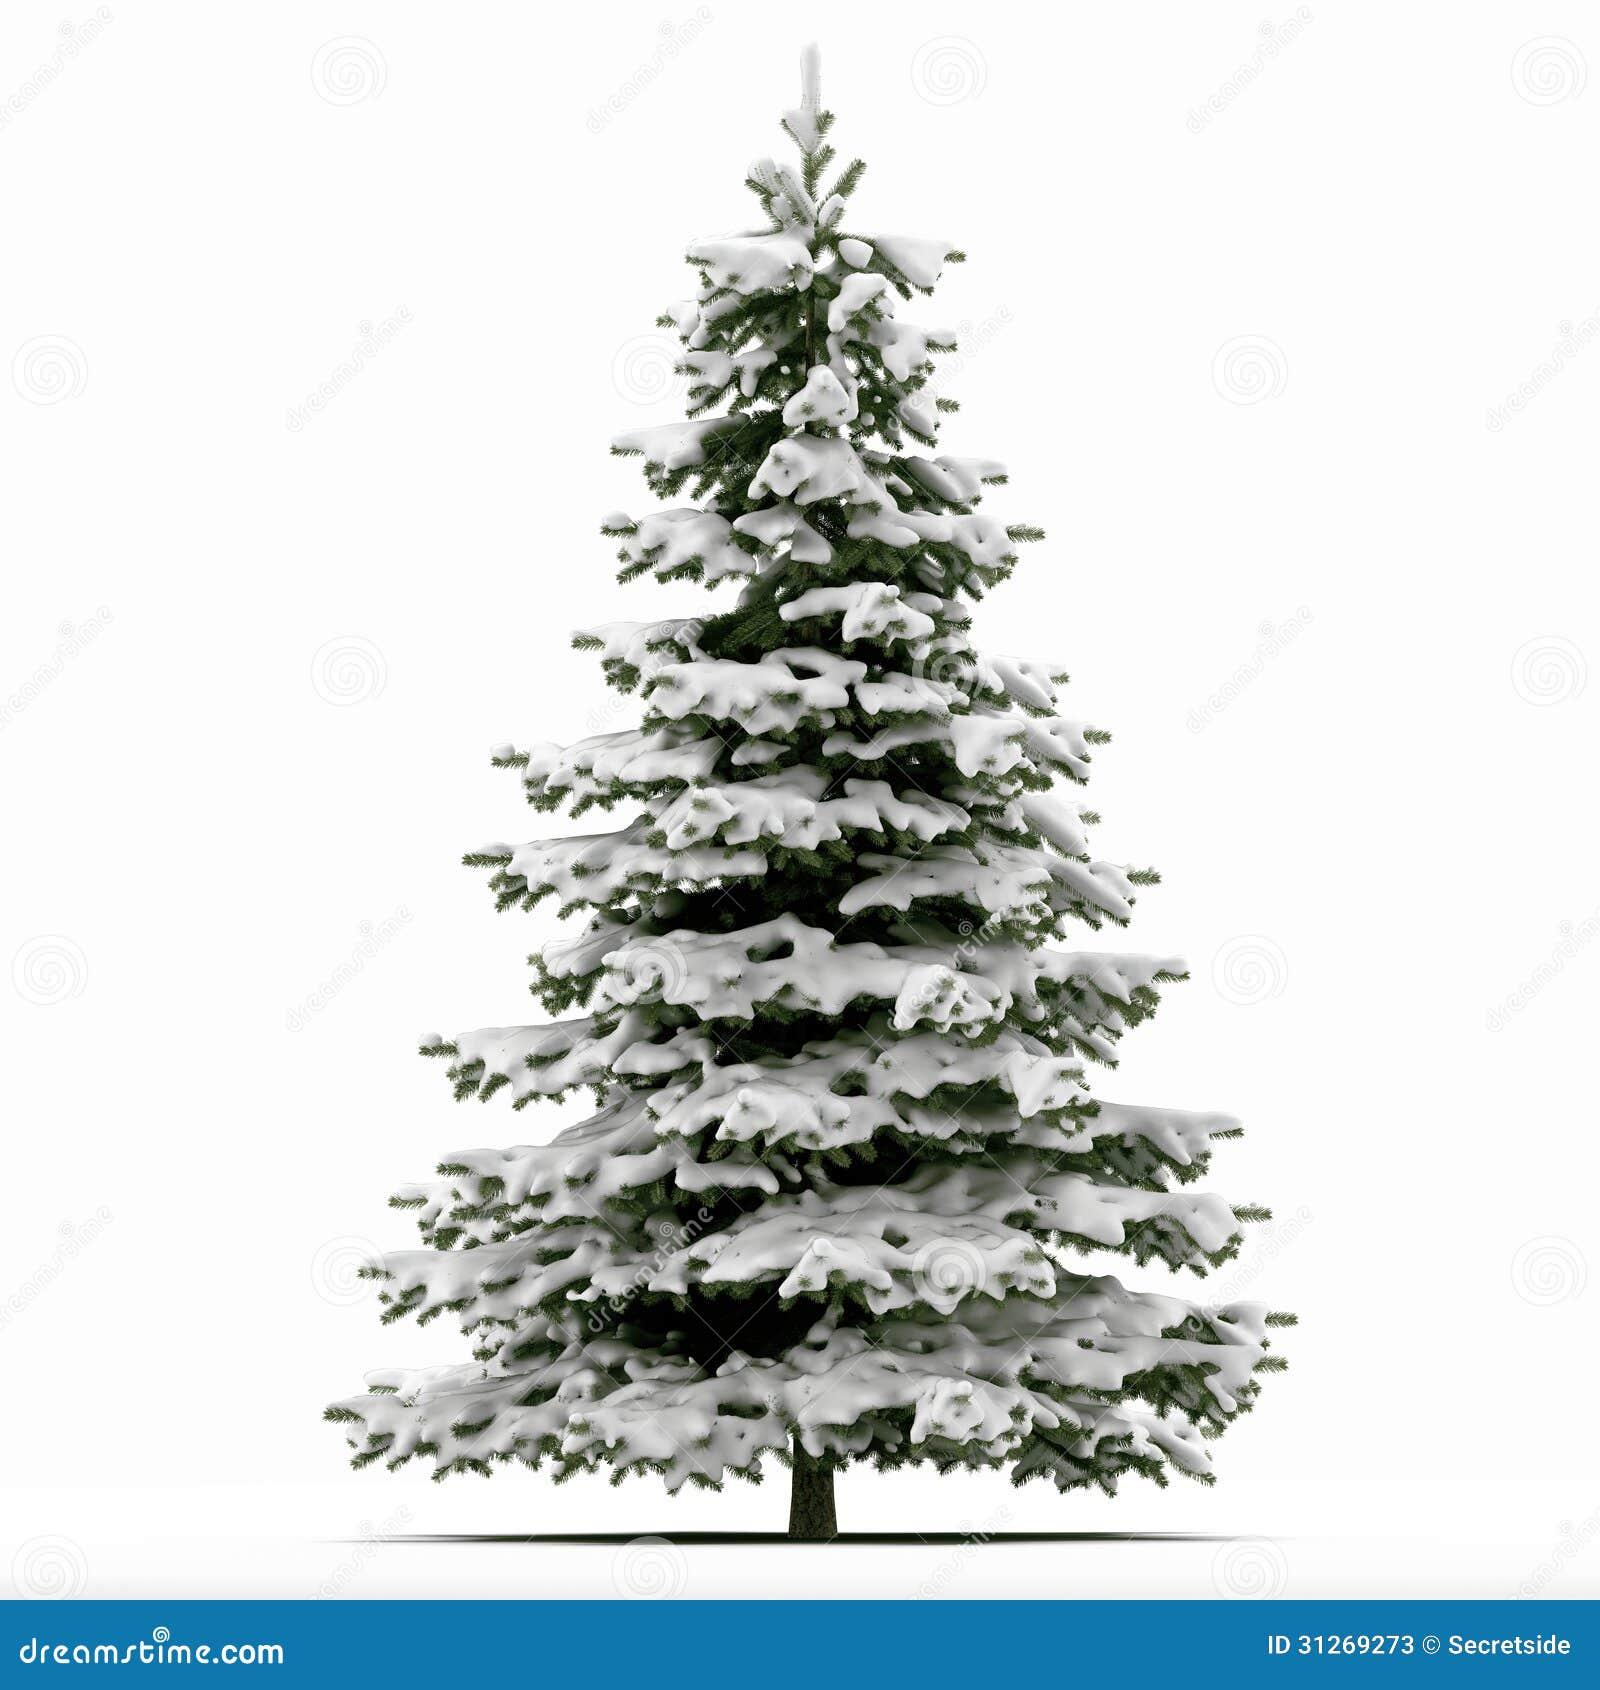 schnee bedeckte weihnachtsbaum stockfotos bild 31269273. Black Bedroom Furniture Sets. Home Design Ideas